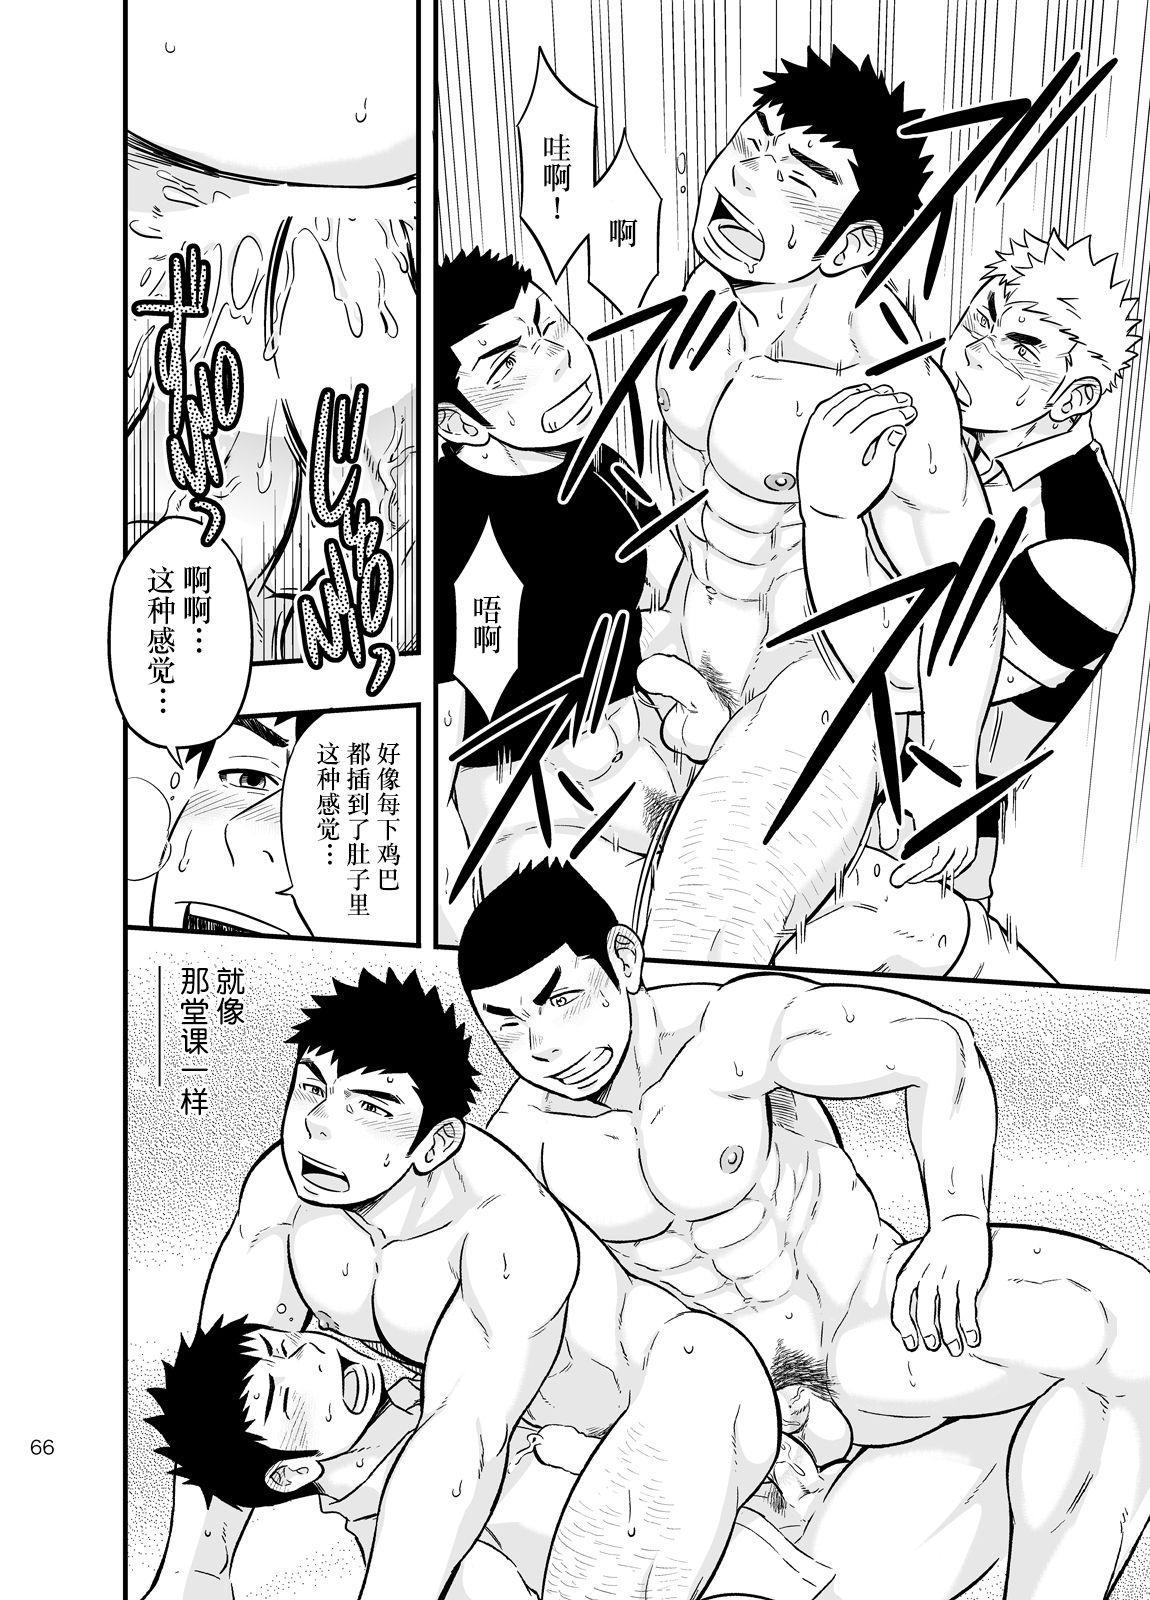 Moshimo Danshikou no Hoken Taiiku ga Jitsugi Ari Dattara 2 | 如果男校的保健体育课有实践环节的话 2 64